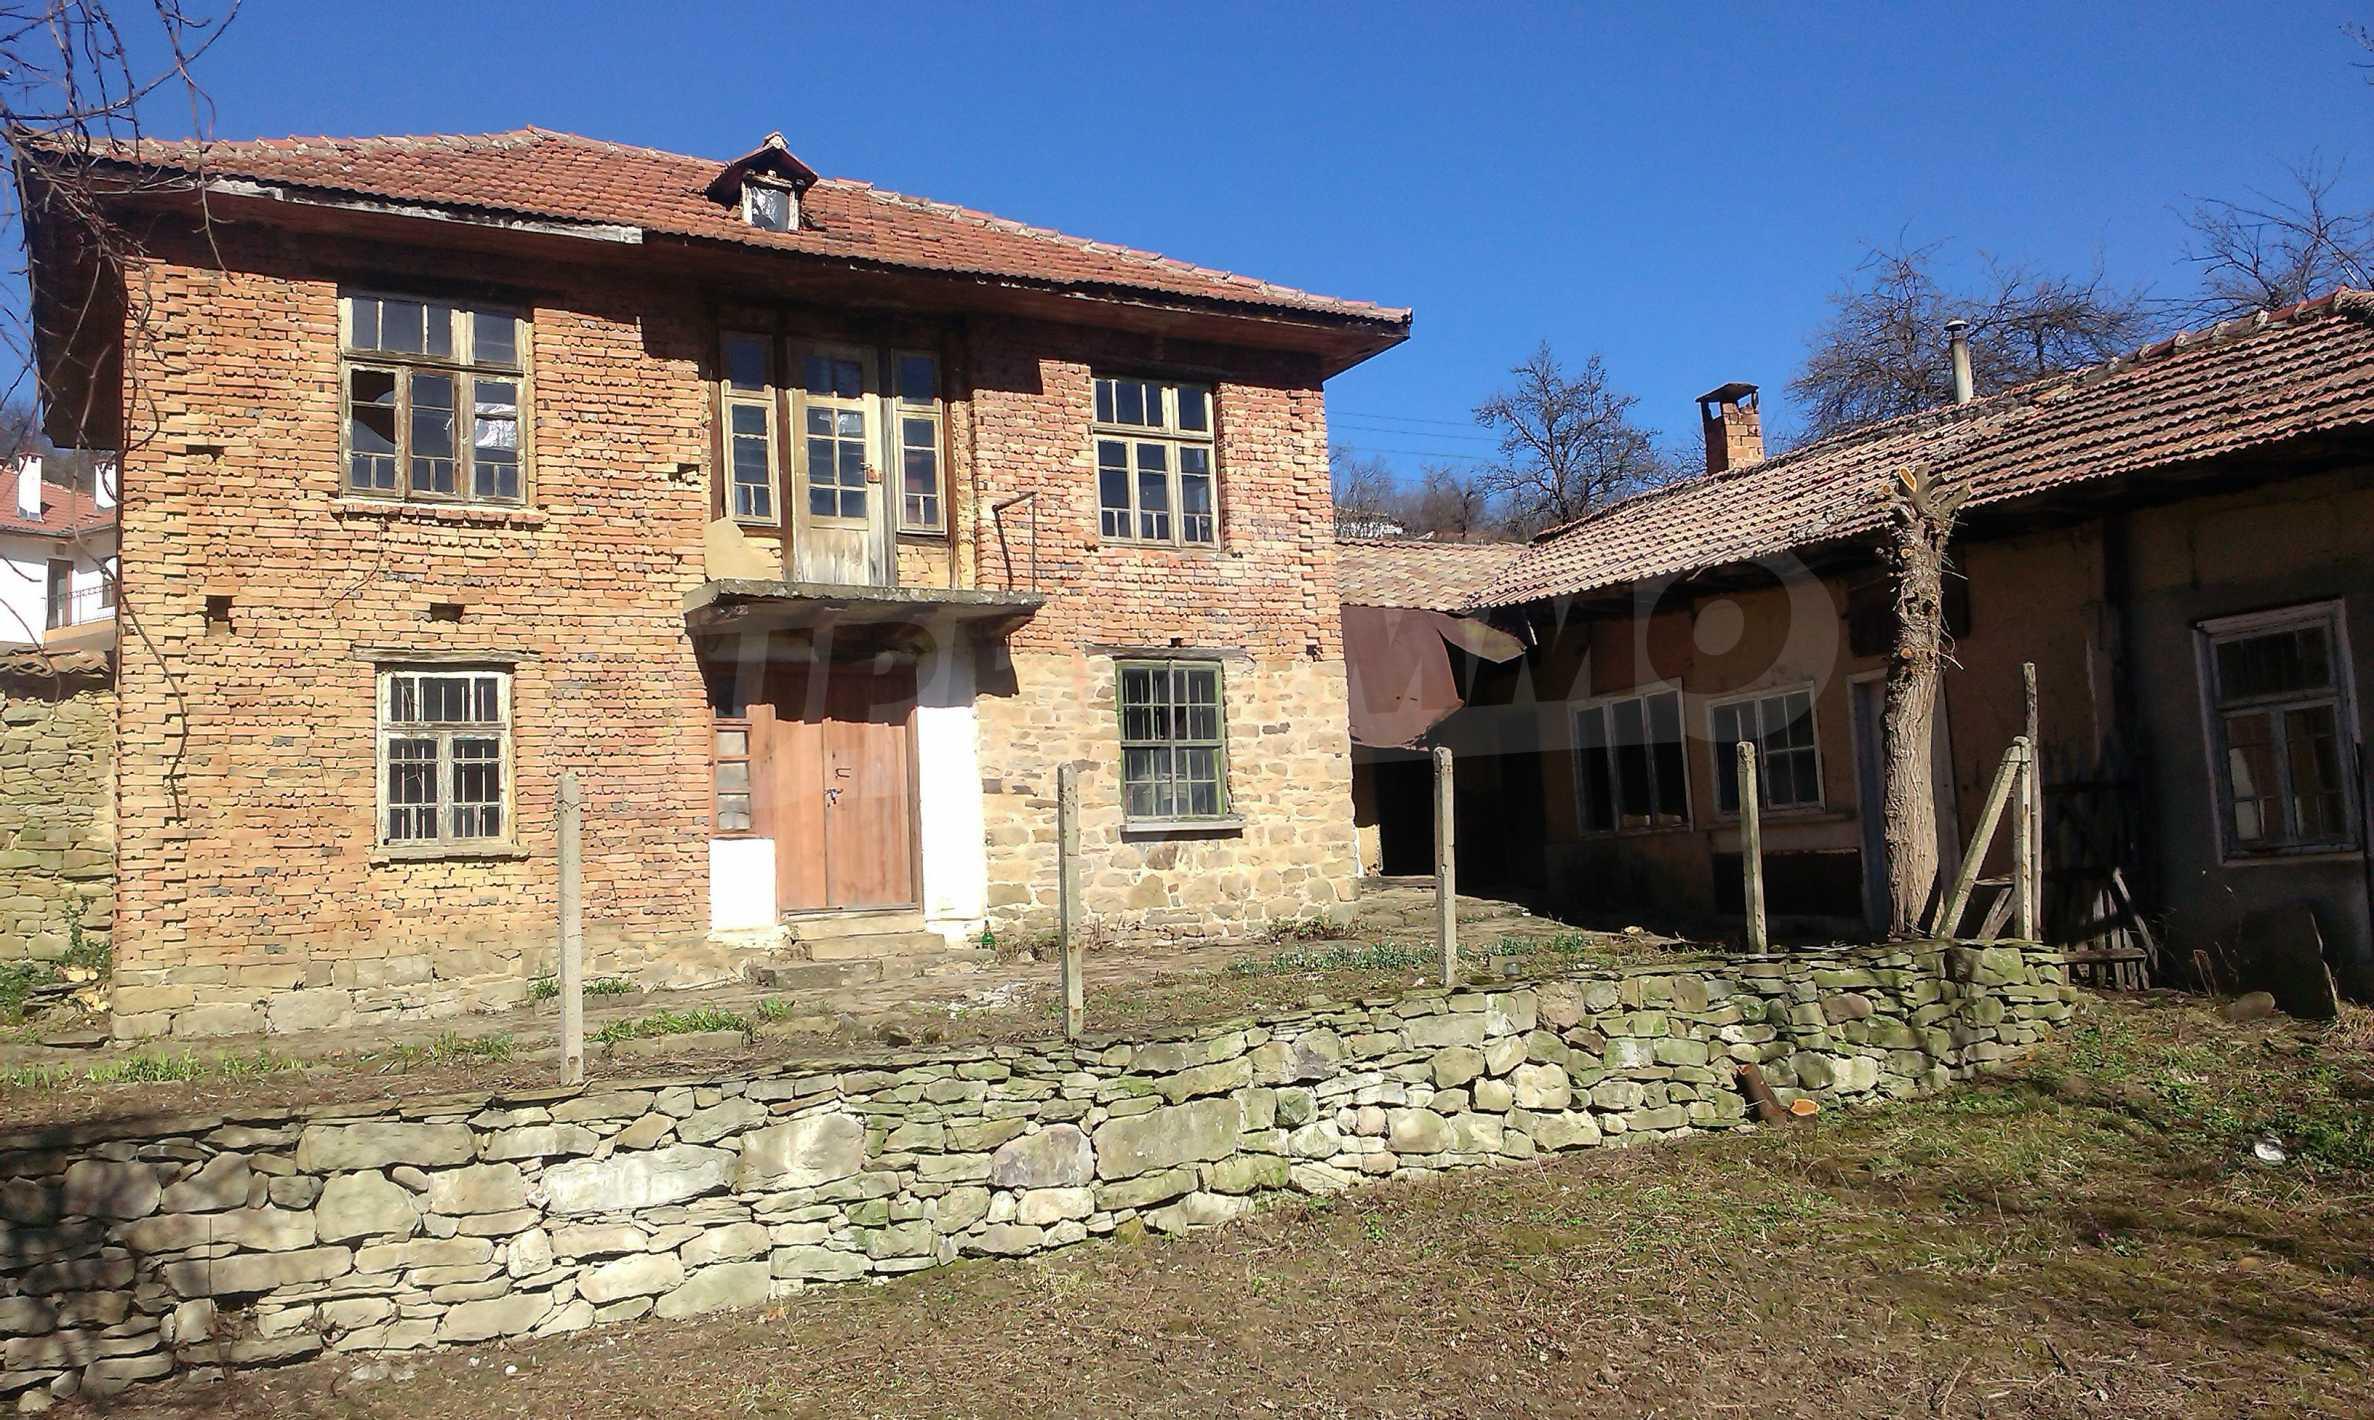 Тухлена двуетажна къща само на 22 км от Велико Търново  48